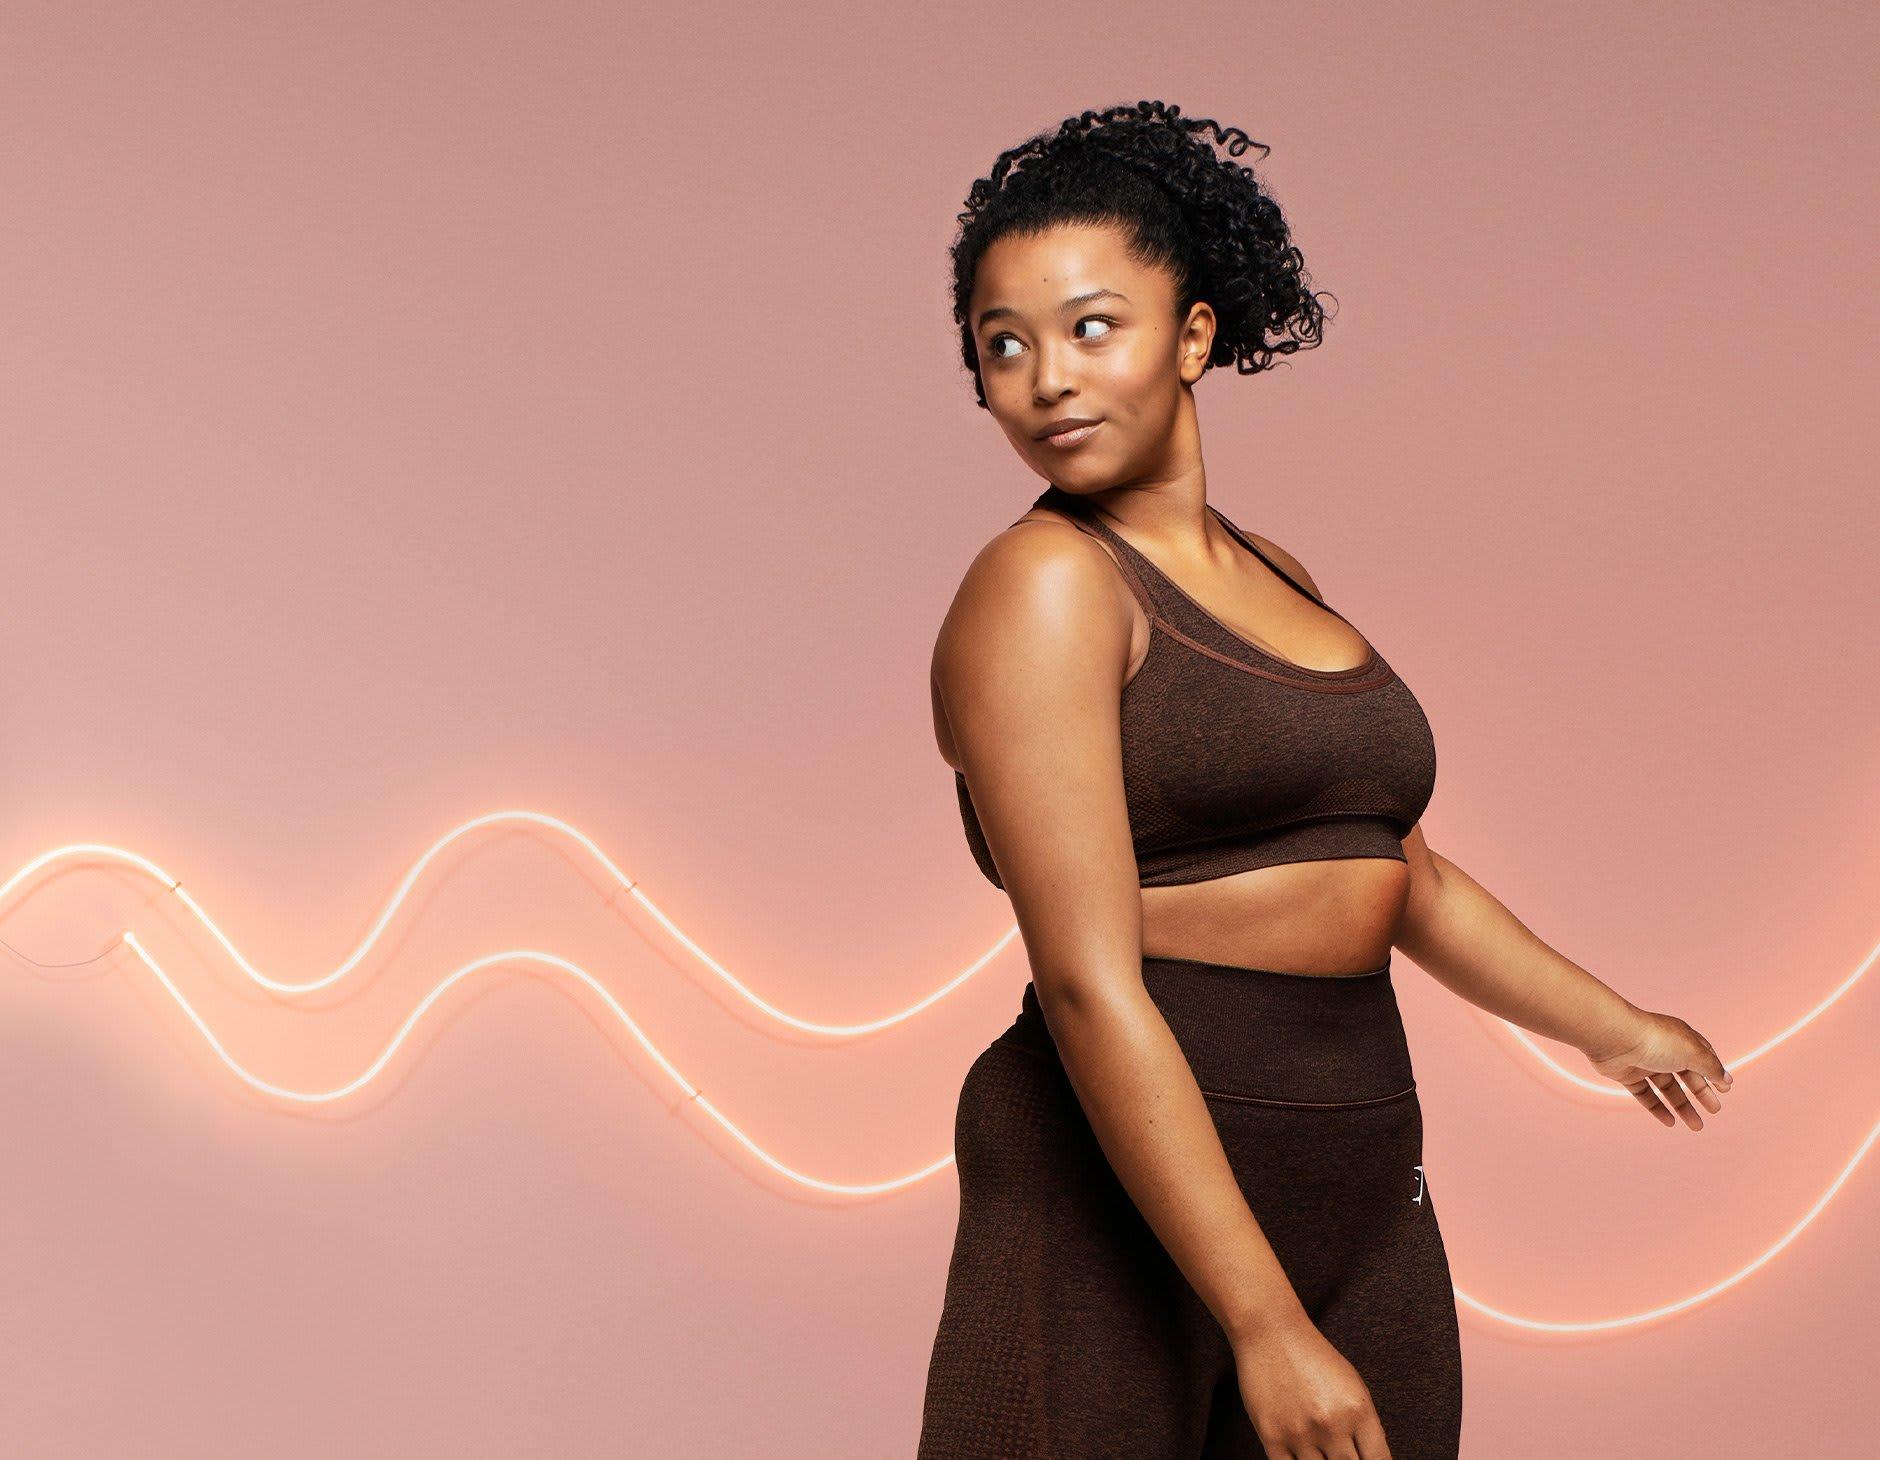 Un modèle féminin pose les dans le nouveau legging et la brassière de sport Vital Rise en cherry Brown Marl contre un arrière-plan rose pastel avec des néons.